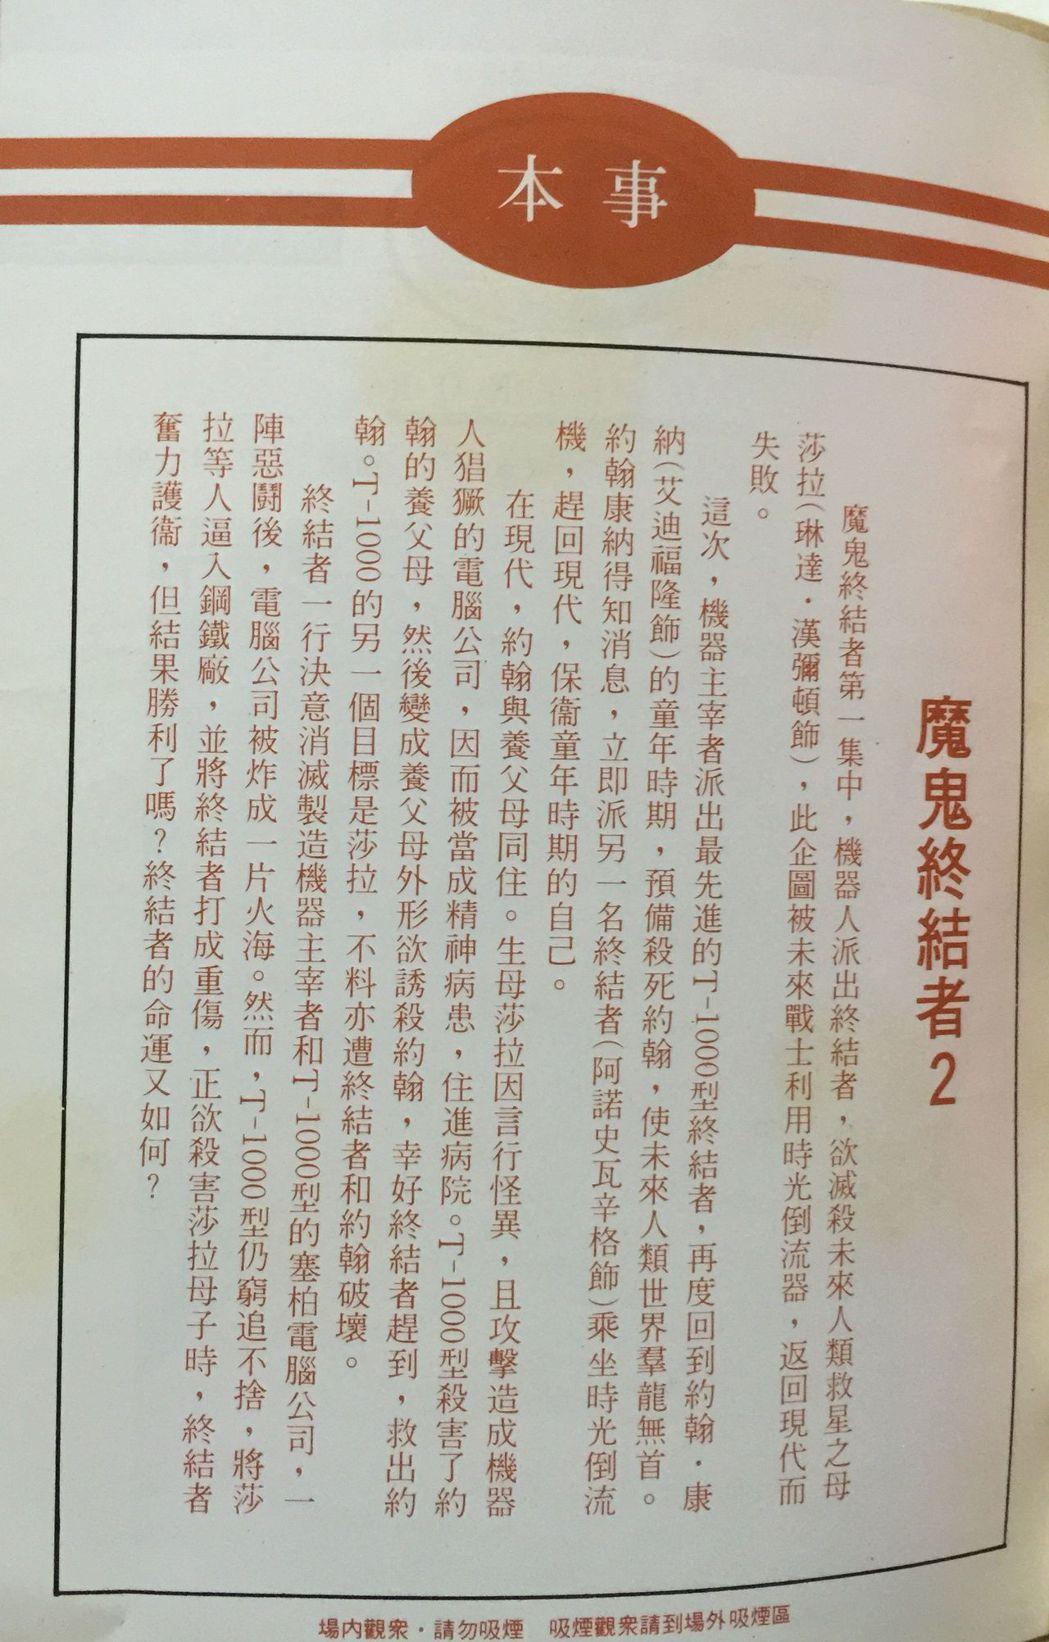 「魔鬼終結者2」在台北市上映時,曾經出現難得一見的彩色電影本事。圖/蘇詠智攝影